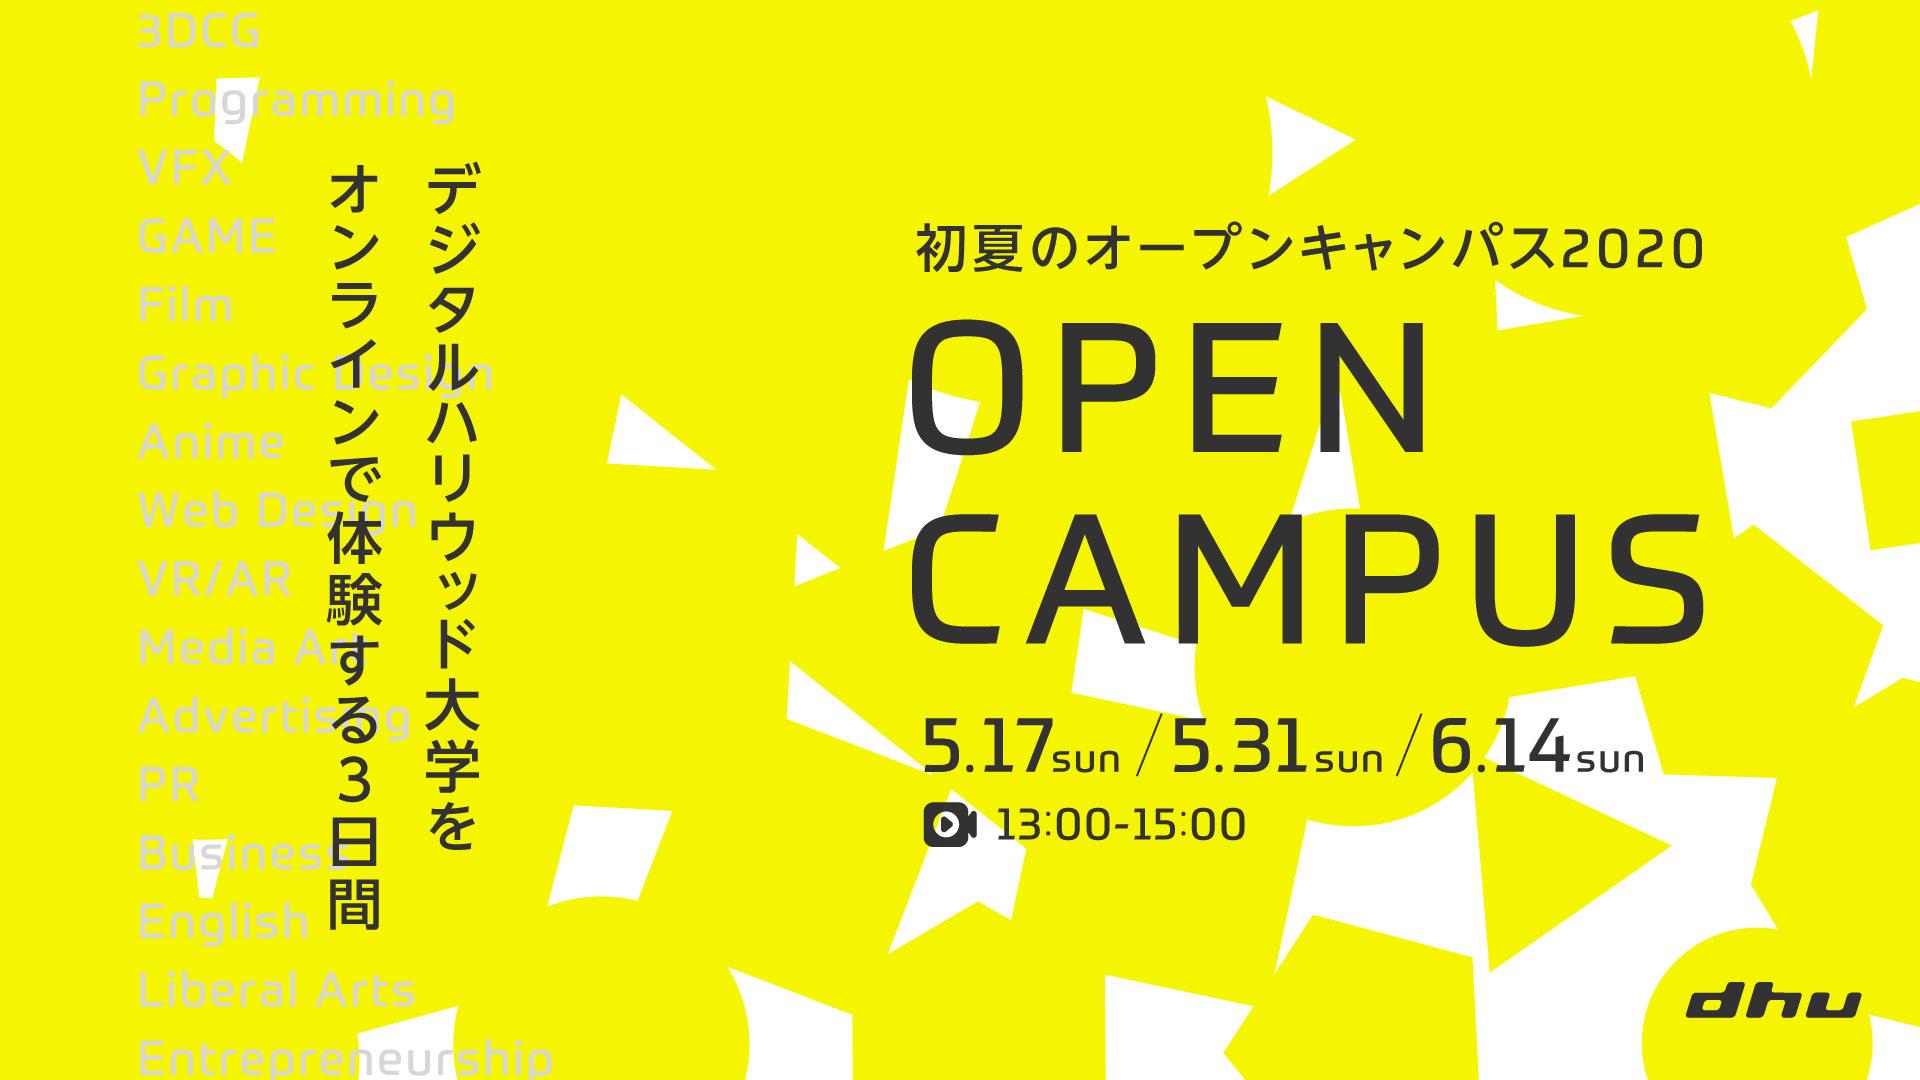 初夏のオープンキャンパス2020